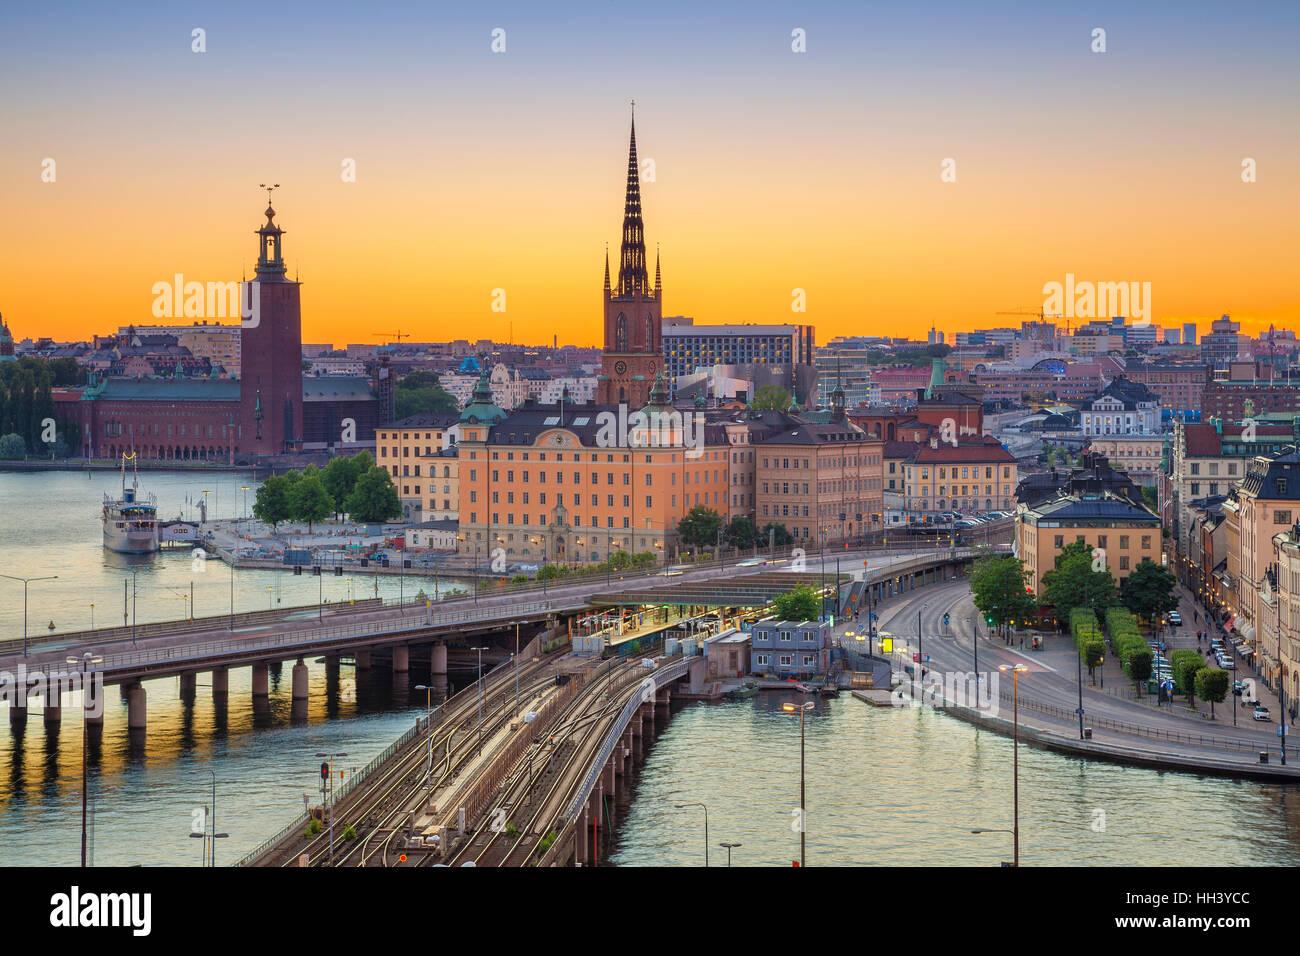 Stoccolma. Cityscape immagine di Stoccolma in Svezia durante il tramonto. Immagini Stock